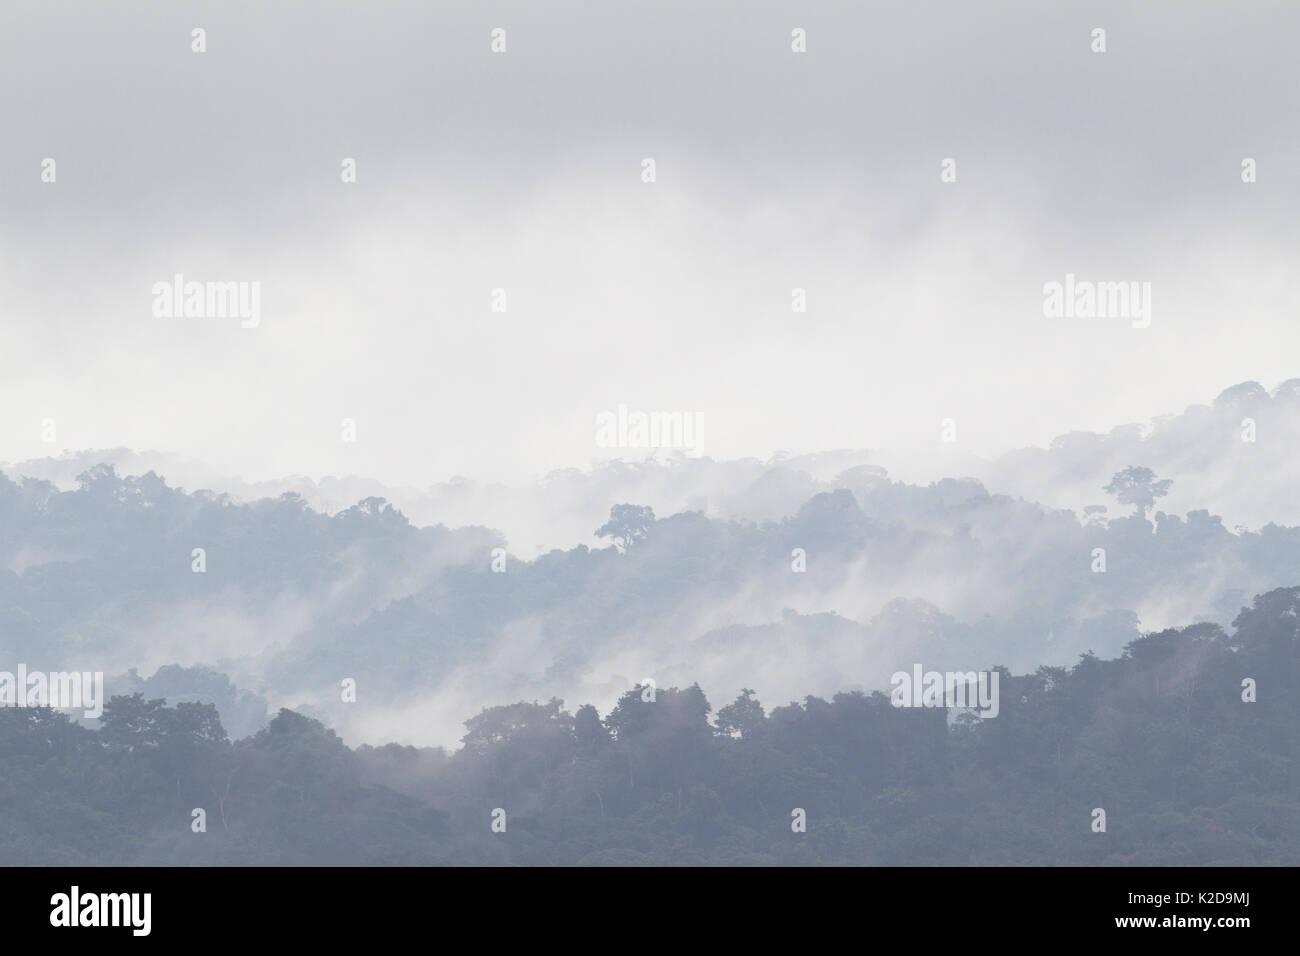 La foresta pluviale tropicale paesaggio con nebbia, Barro Colorado Island, il Lago di Gatun, sul Canale di Panama, Panama. Immagini Stock